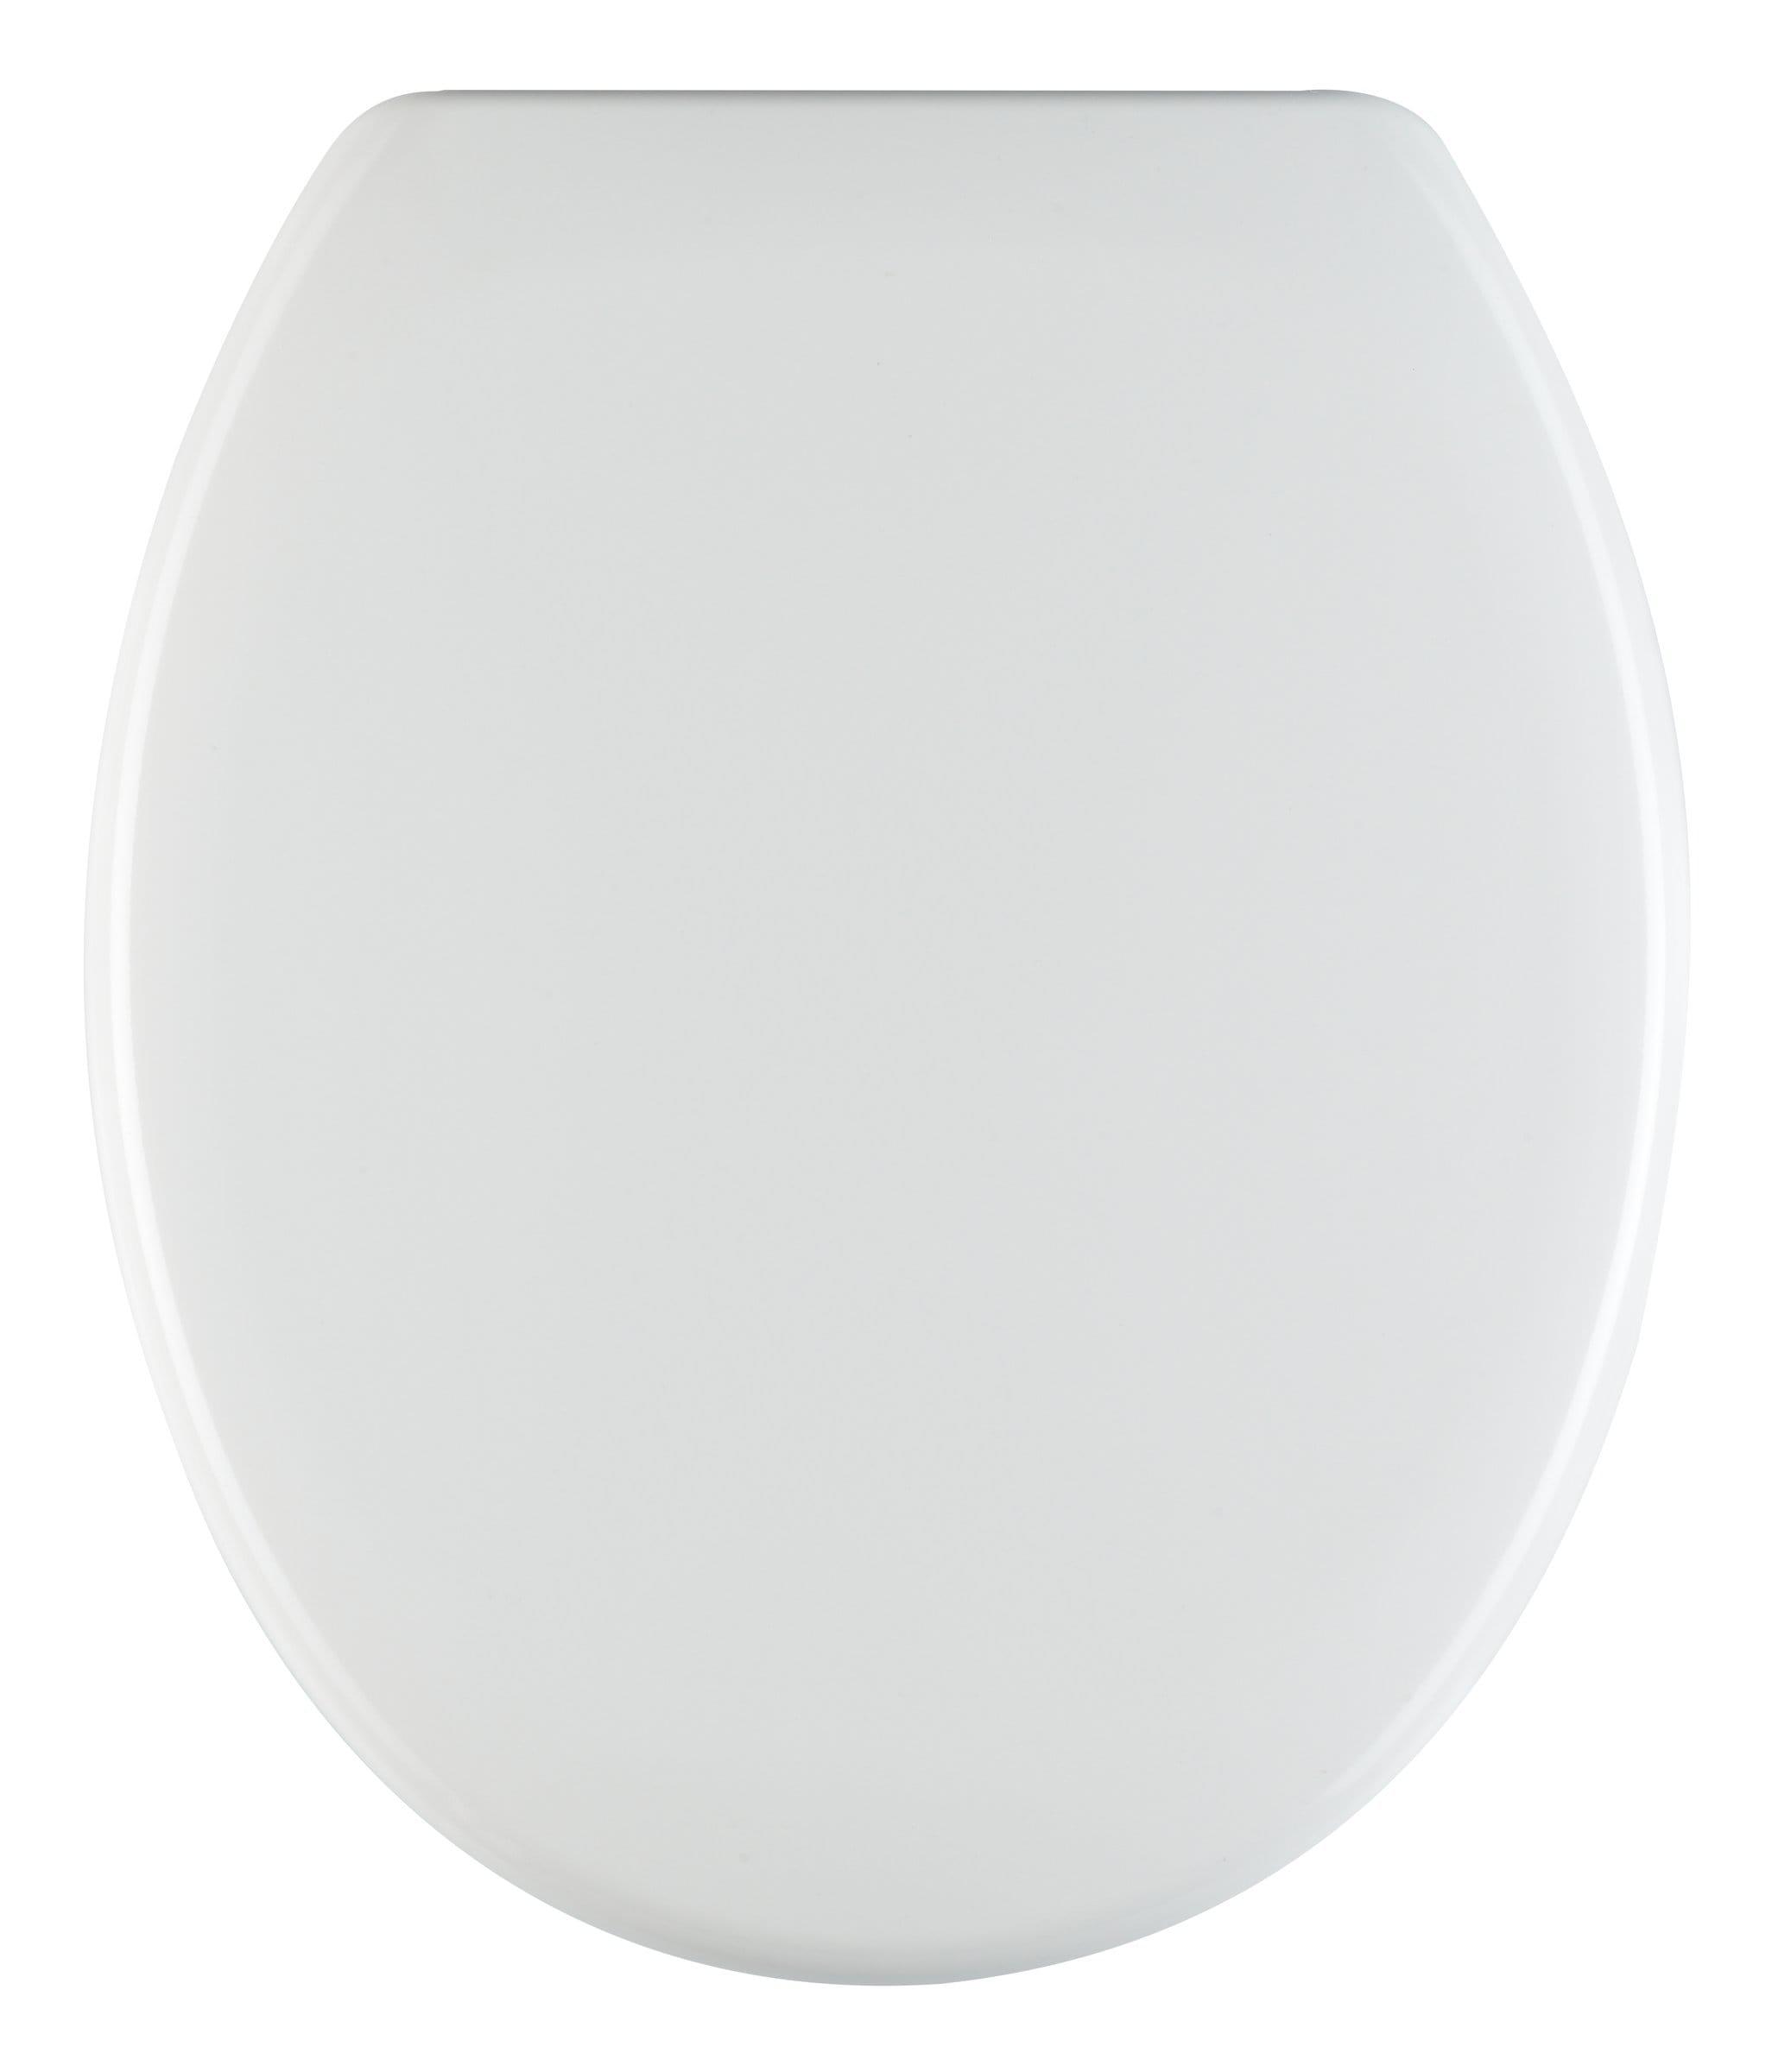 diaqua Siège de WC Barbana